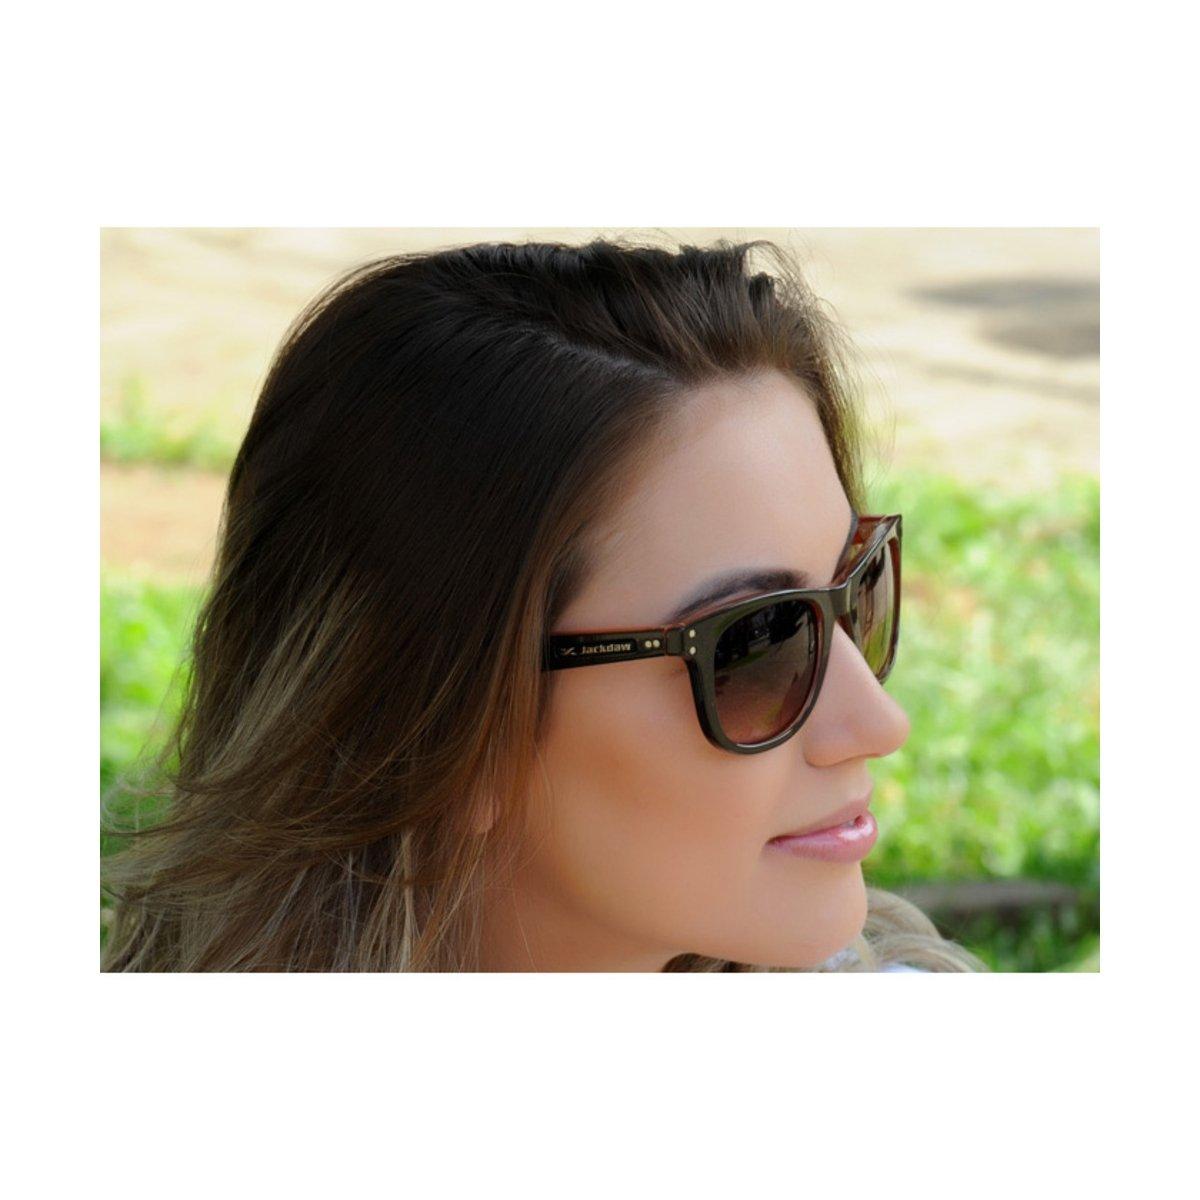 1a8863346fd1c Óculos de Sol Jackdaw 37 - Compre Agora   Zattini